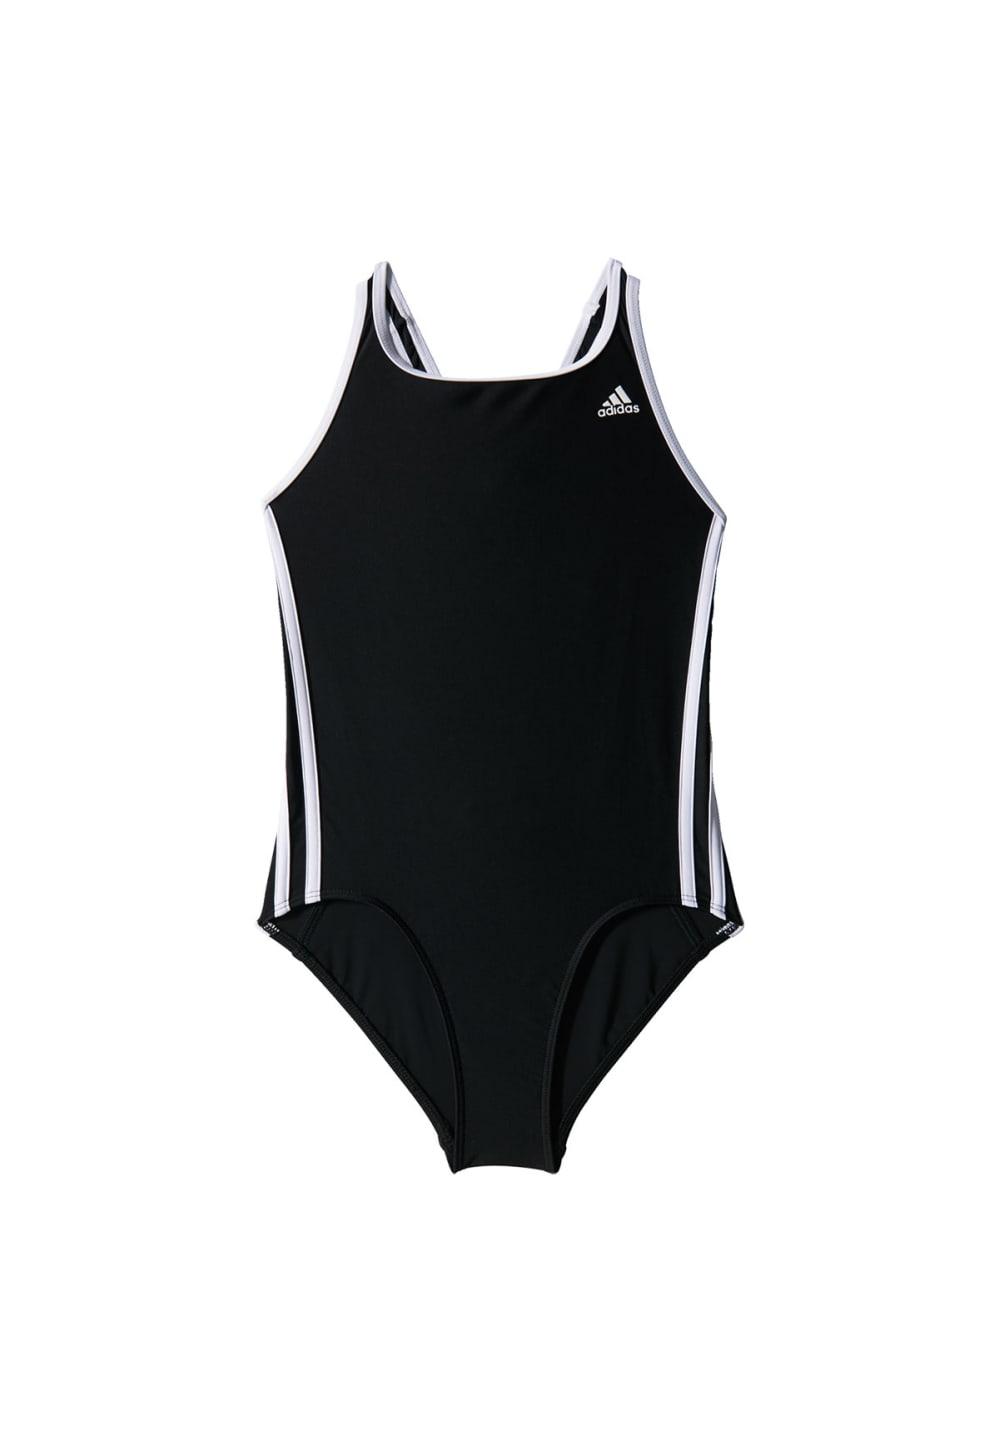 adidas Inf 3S Suit Girls - Schwimmen für Kinder Unisex - Rot, Gr. 116